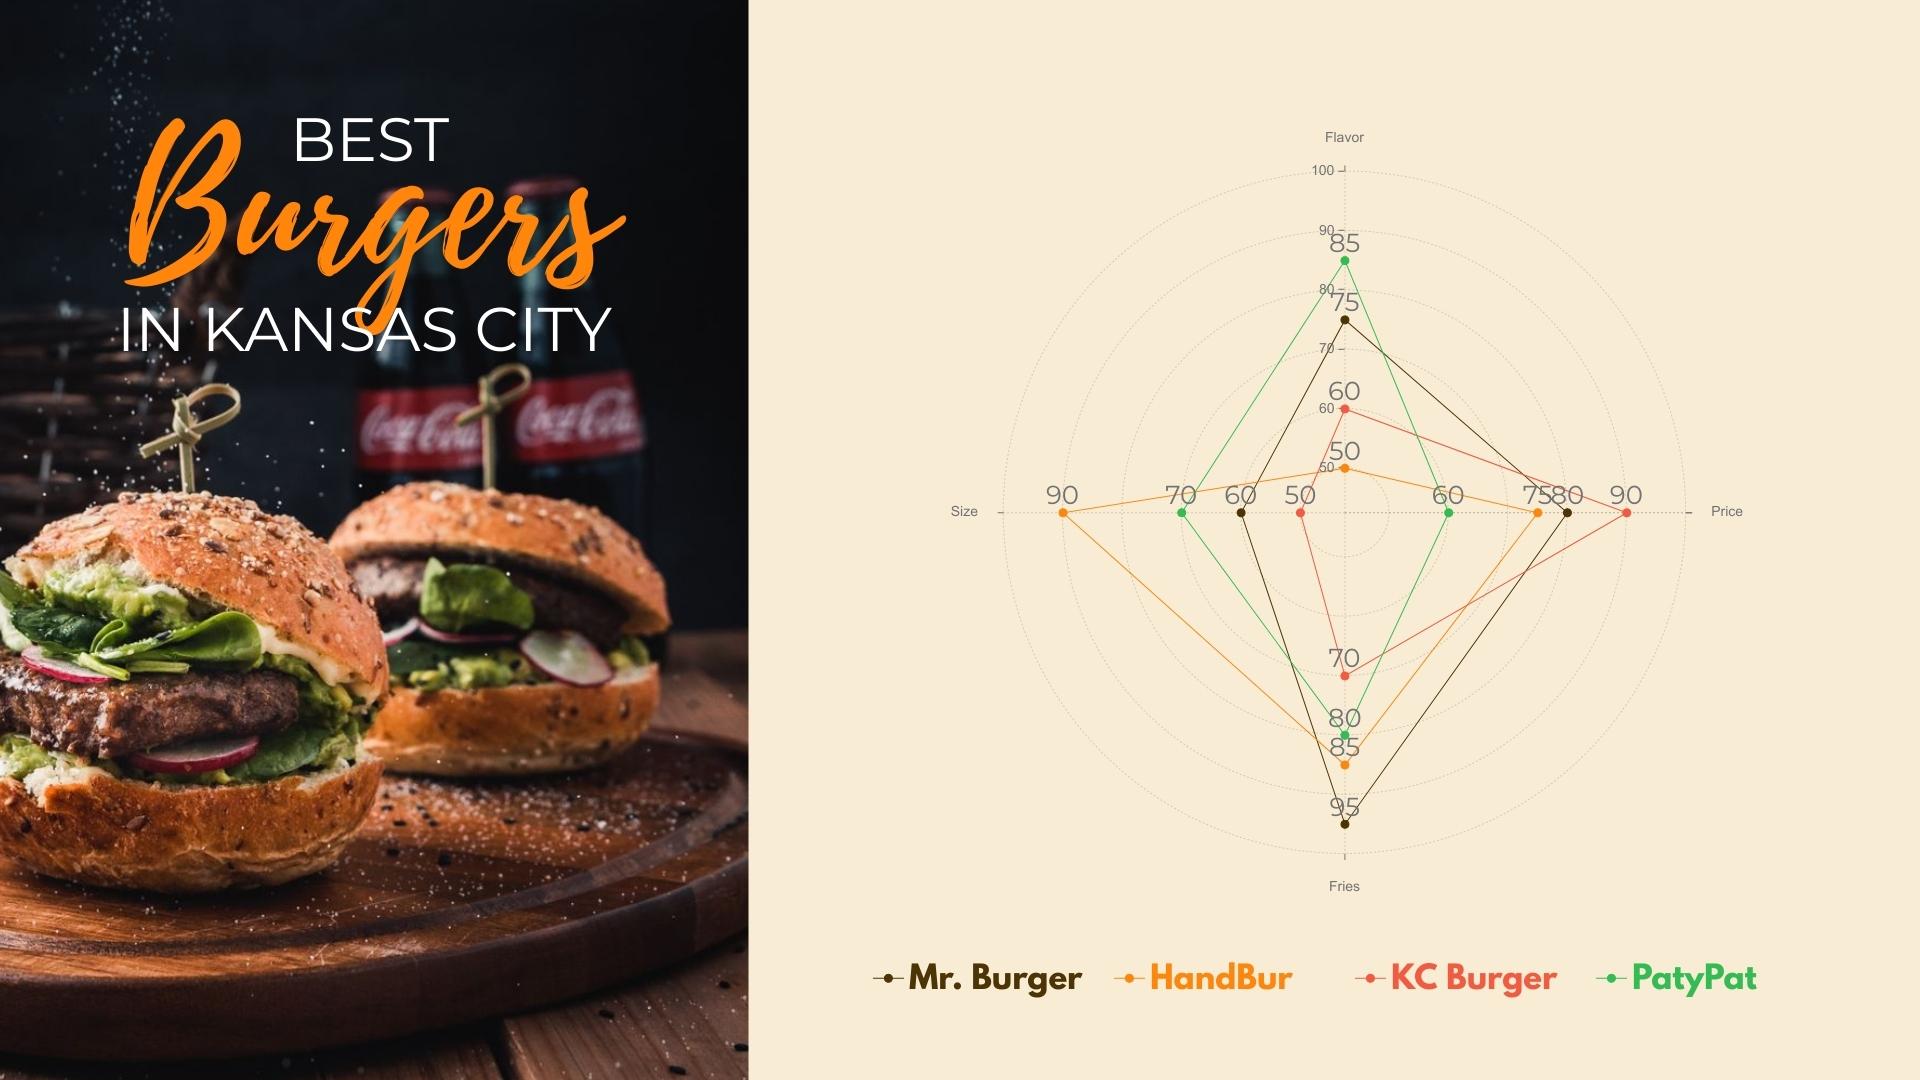 Best Burgers in Kansas City - Radar Chart Template